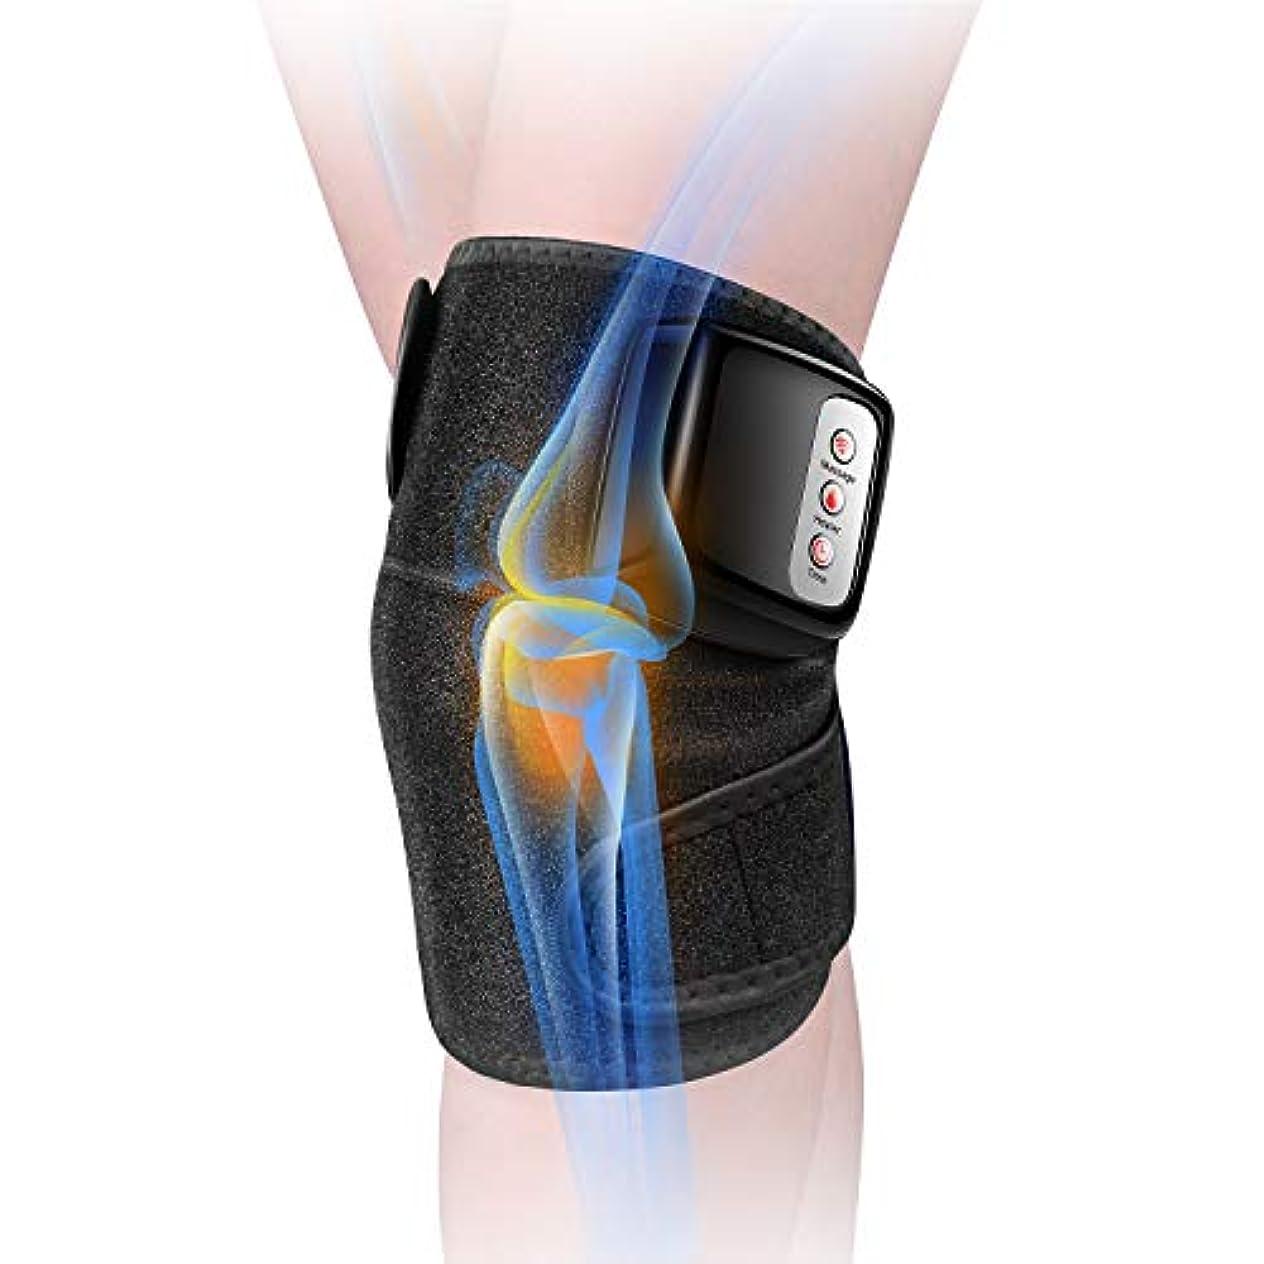 演じる挽く独立膝マッサージャー 関節マッサージャー マッサージ器 フットマッサージャー 振動 赤外線療法 温熱療法 膝サポーター ストレス解消 肩 太もも/腕対応